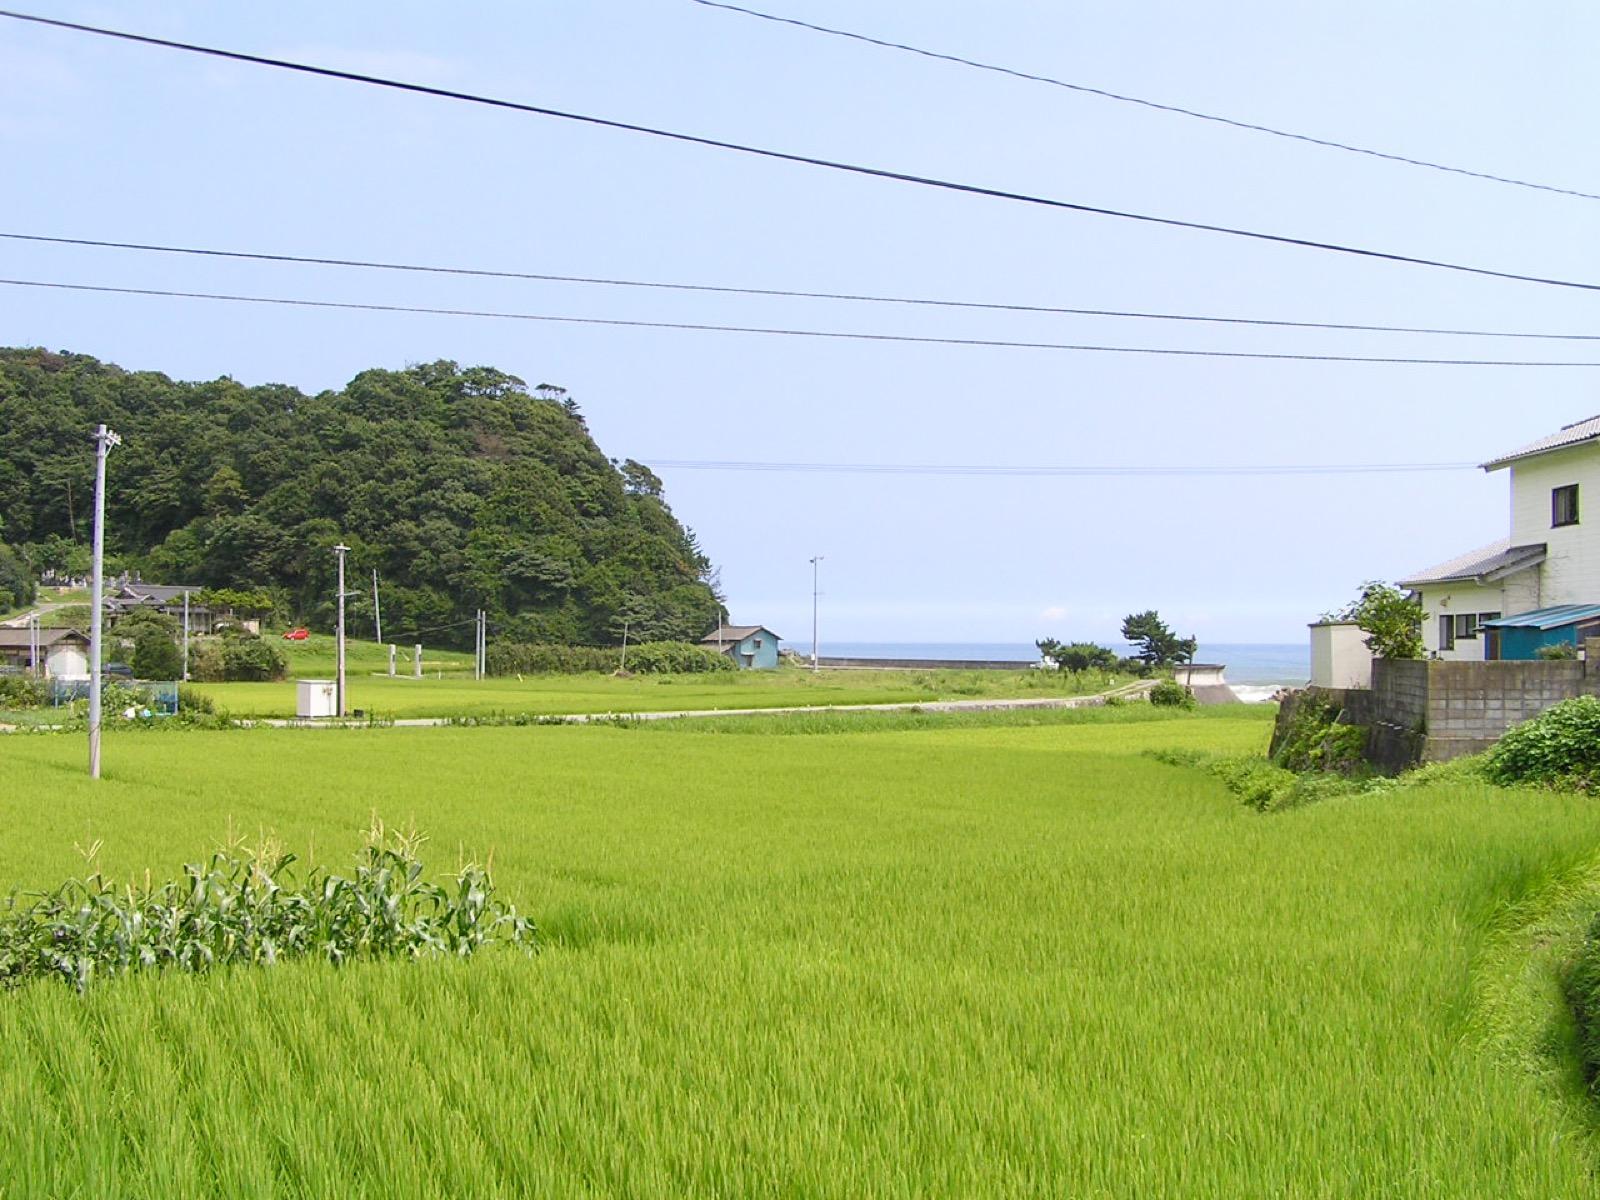 末続川沿いの田んぼと太平洋